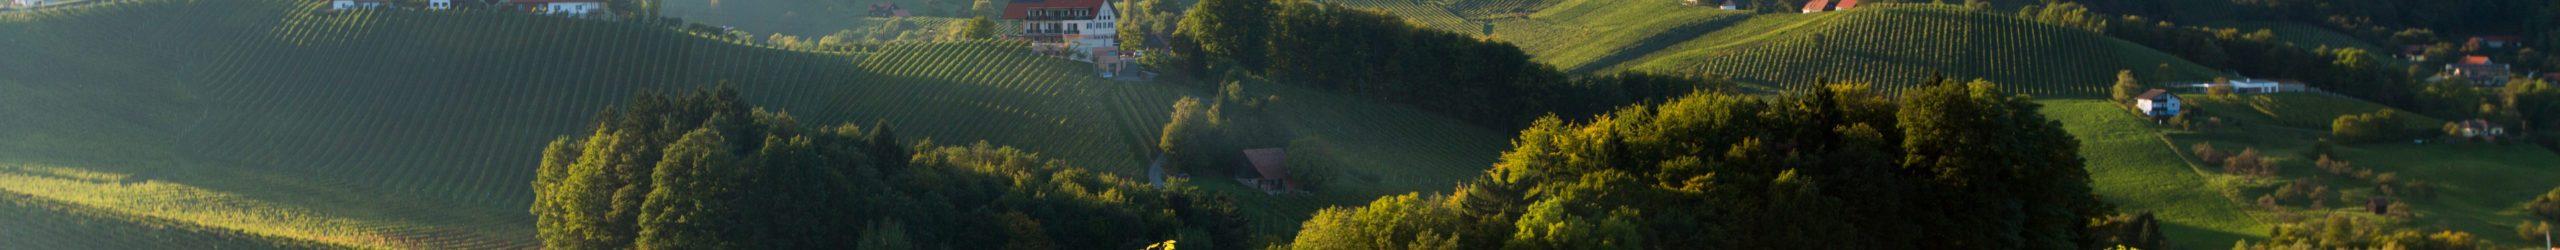 Südsteirisches Weinland, Südsteiermark